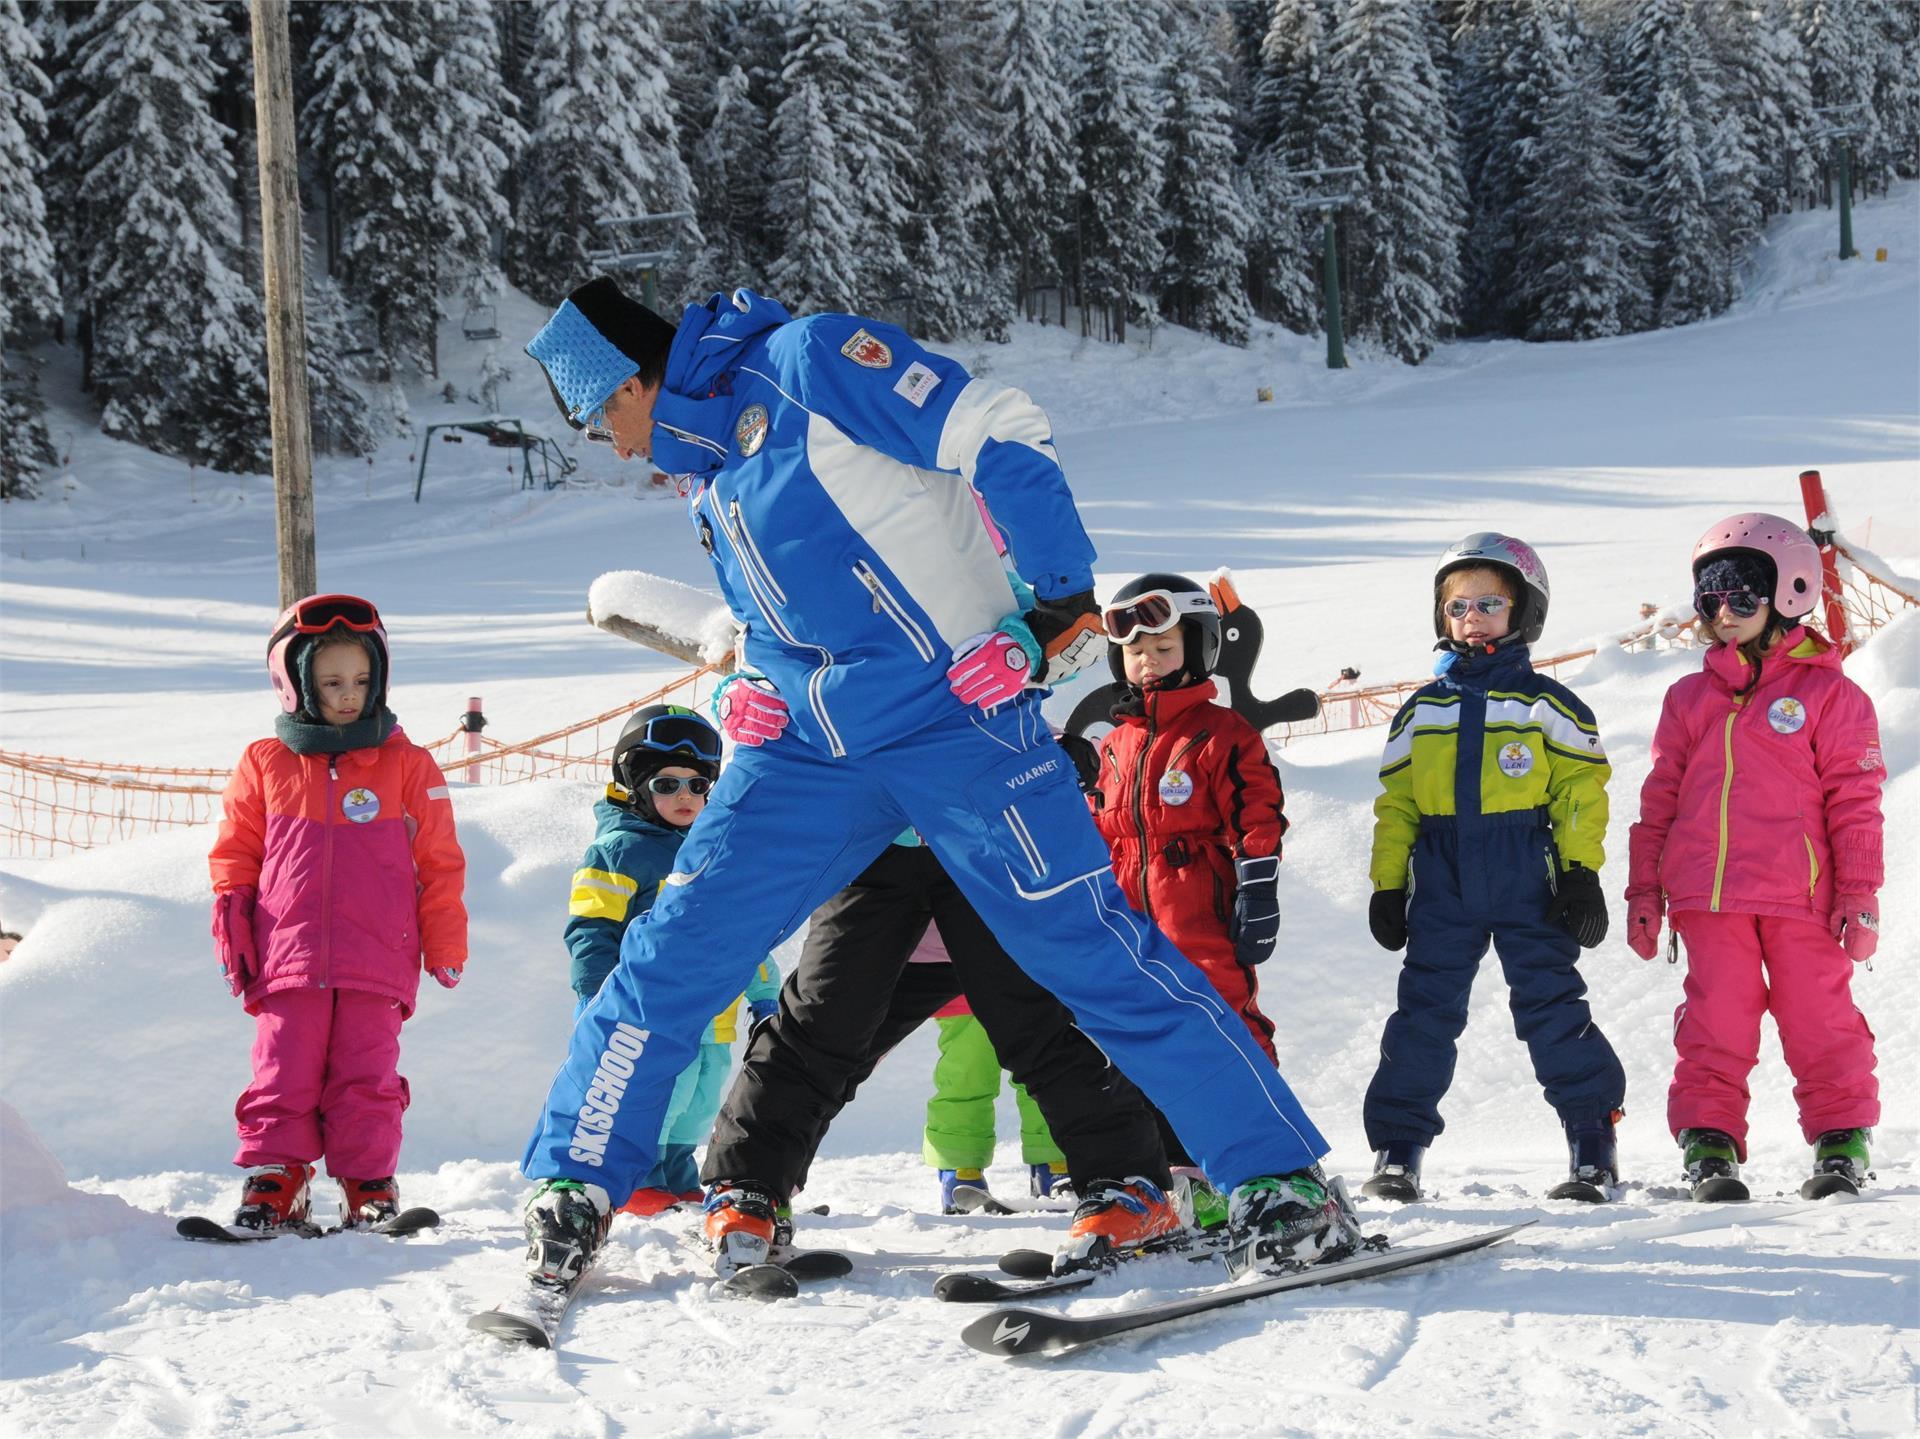 Alpinskischule Toblach